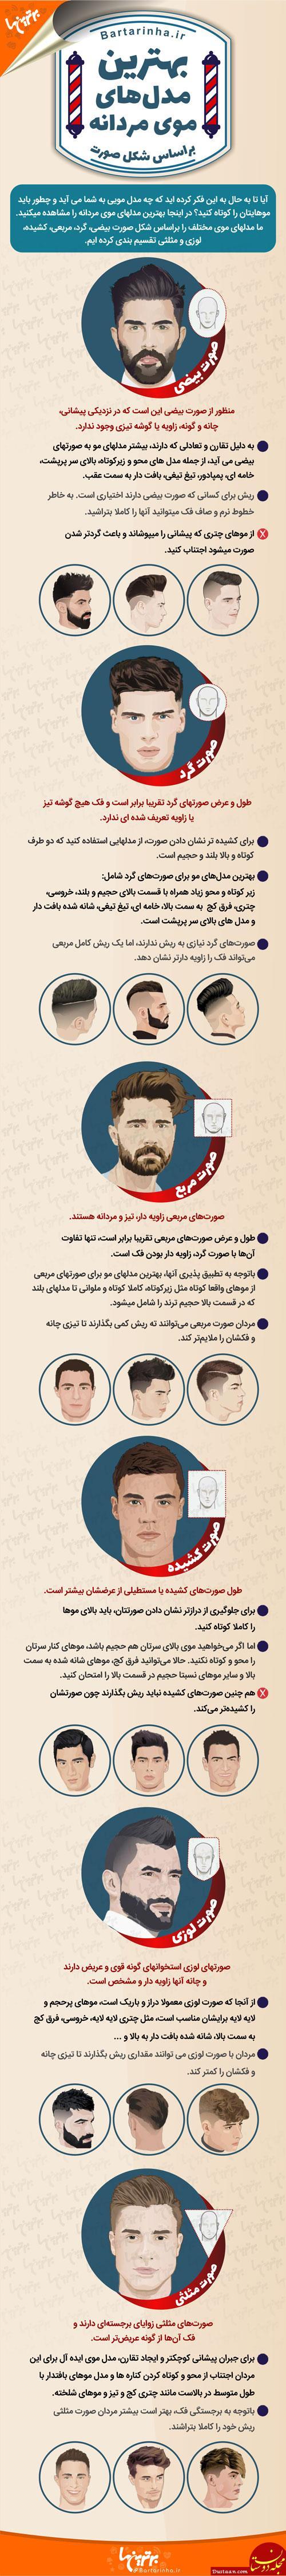 www.dustaan.com انواع مدلهای موی مردانه بر اساس شکل صورت + اینفوگرافی